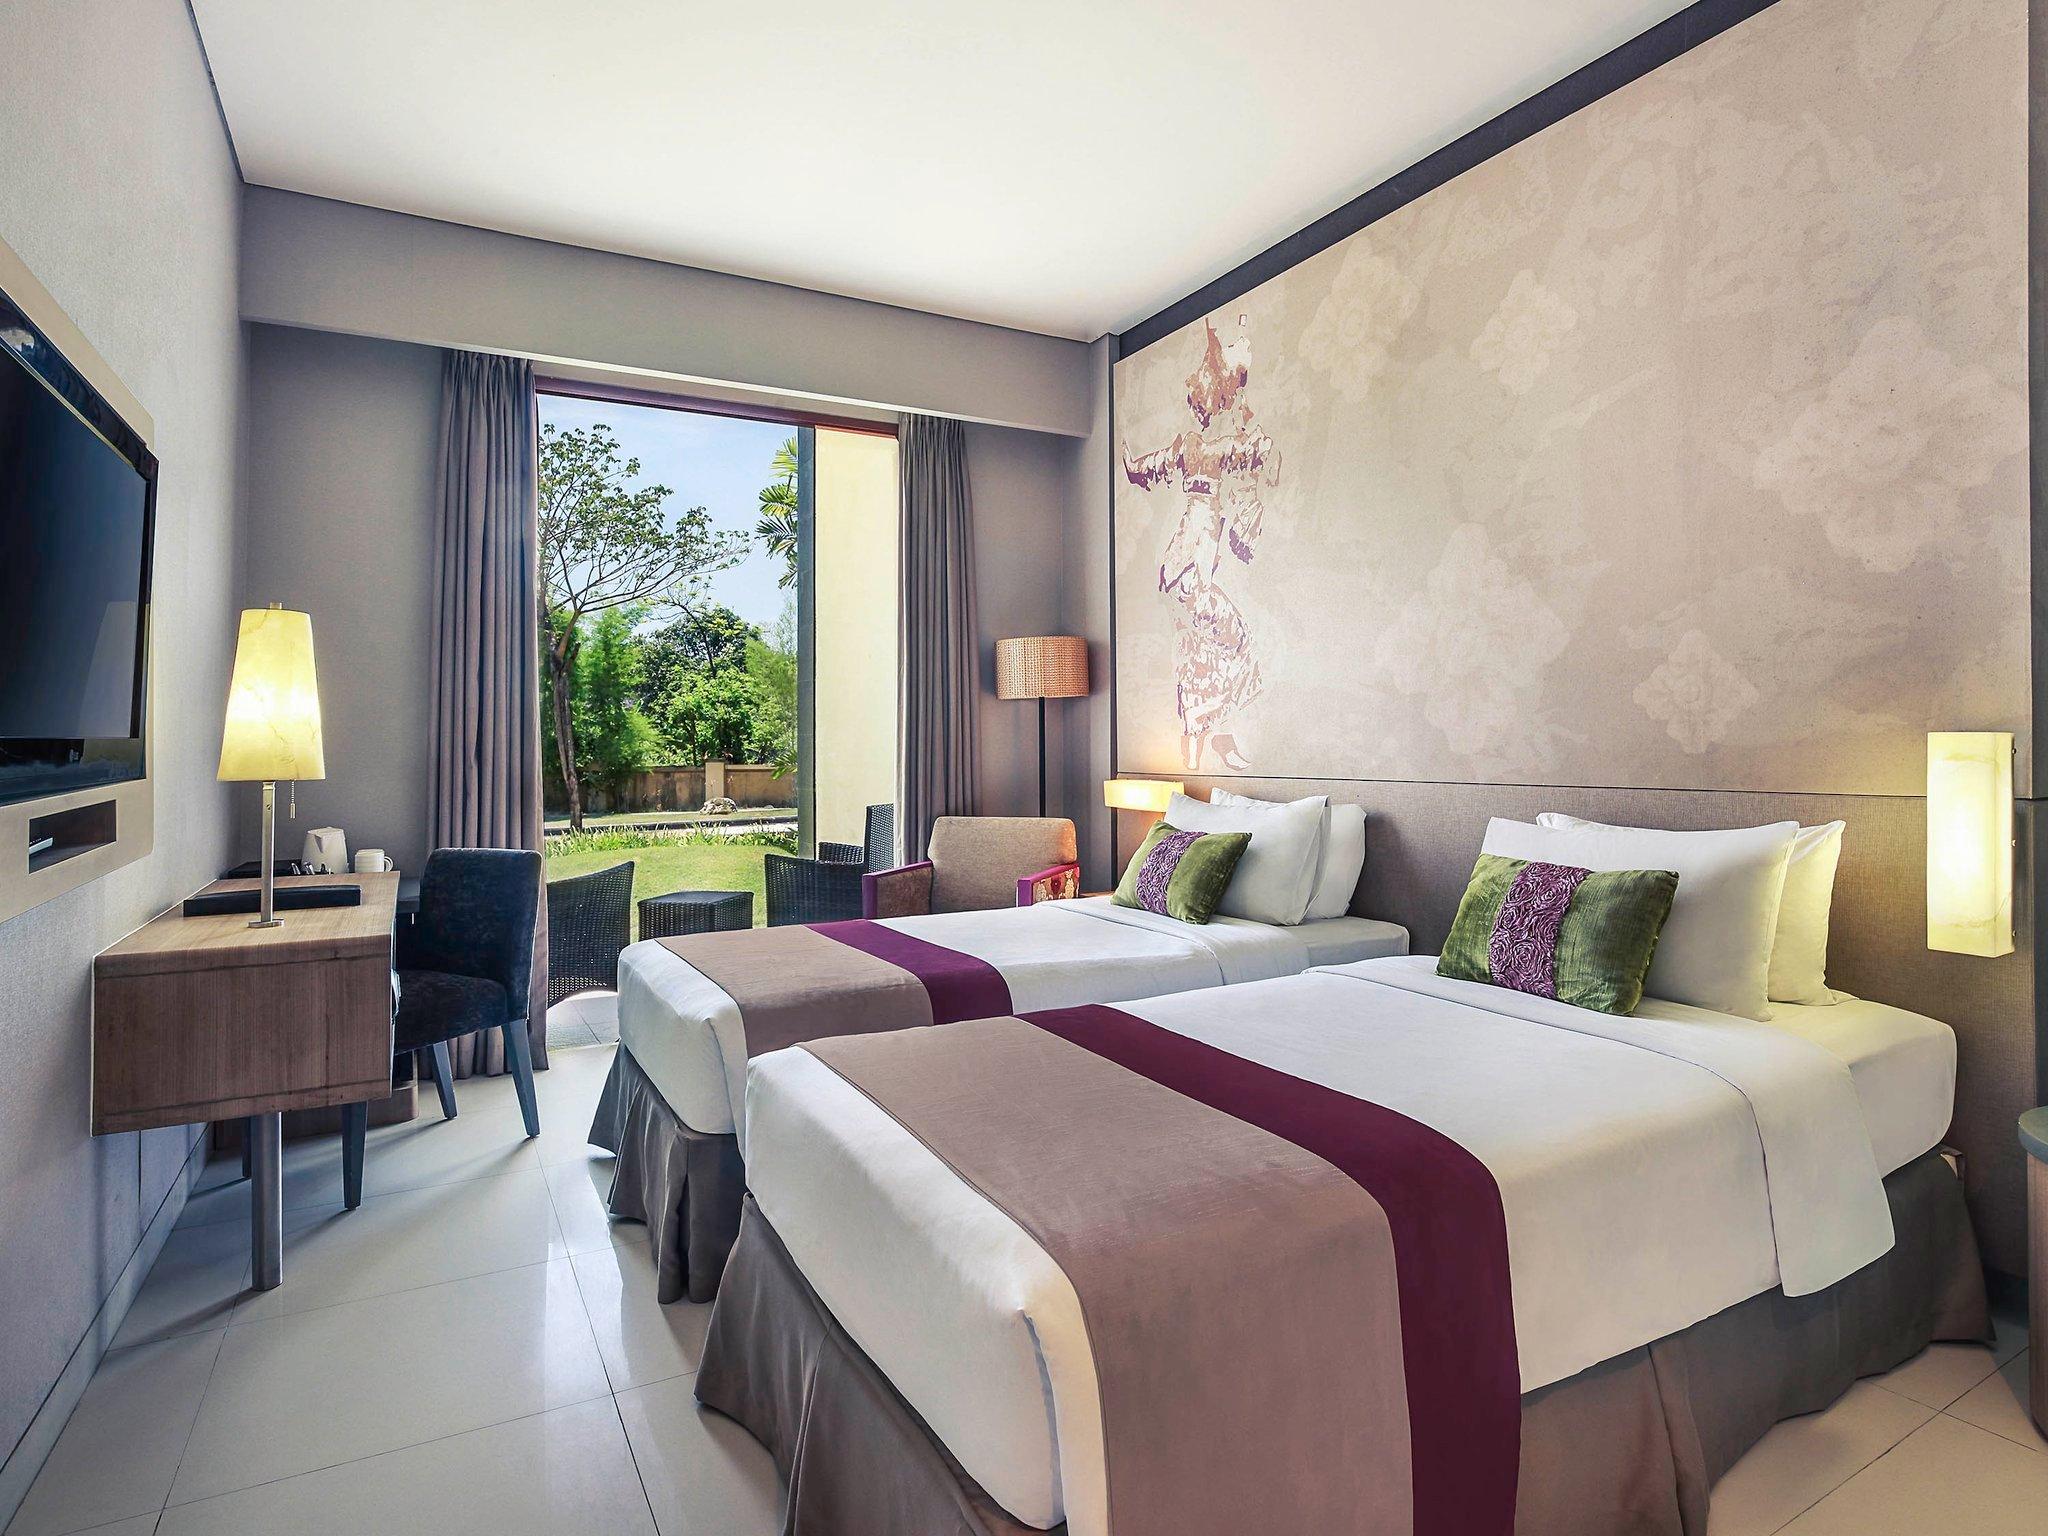 Отель Mercure Bali Nusa Dua Индонезия Нуса Дуа Bookingcom